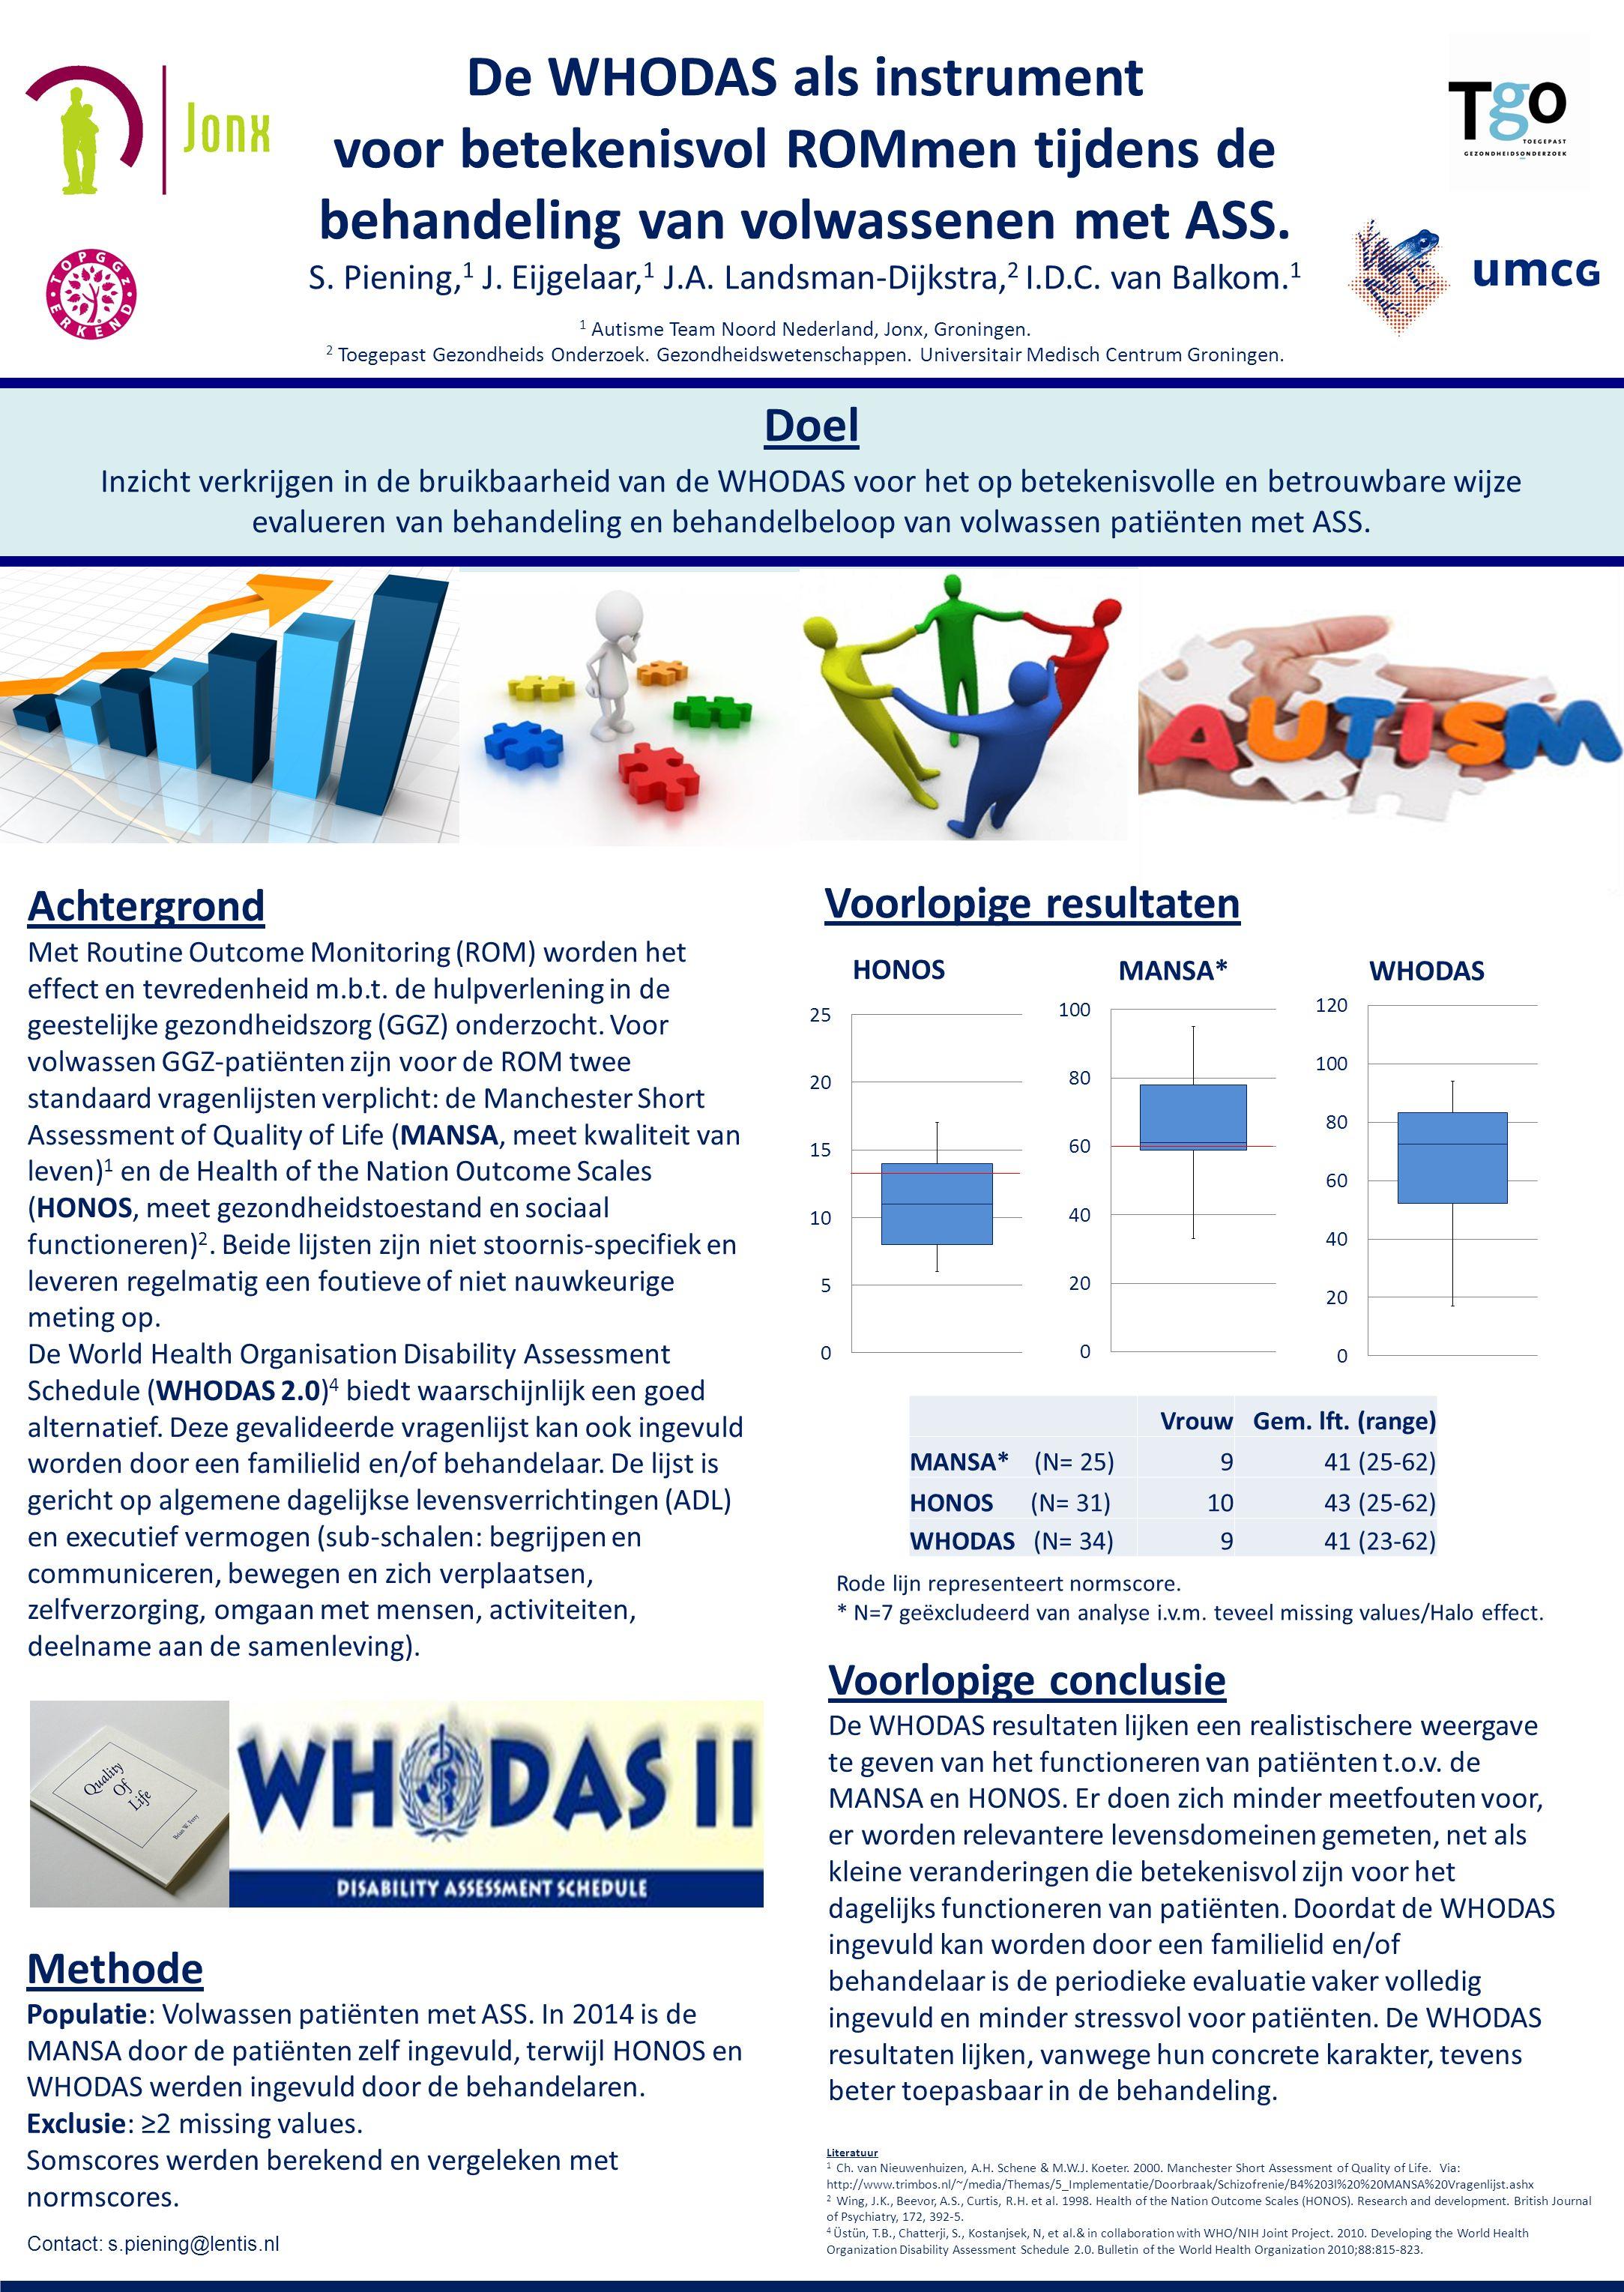 Doel Inzicht verkrijgen in de bruikbaarheid van de WHODAS voor het op betekenisvolle en betrouwbare wijze evalueren van behandeling en behandelbeloop van volwassen patiënten met ASS.